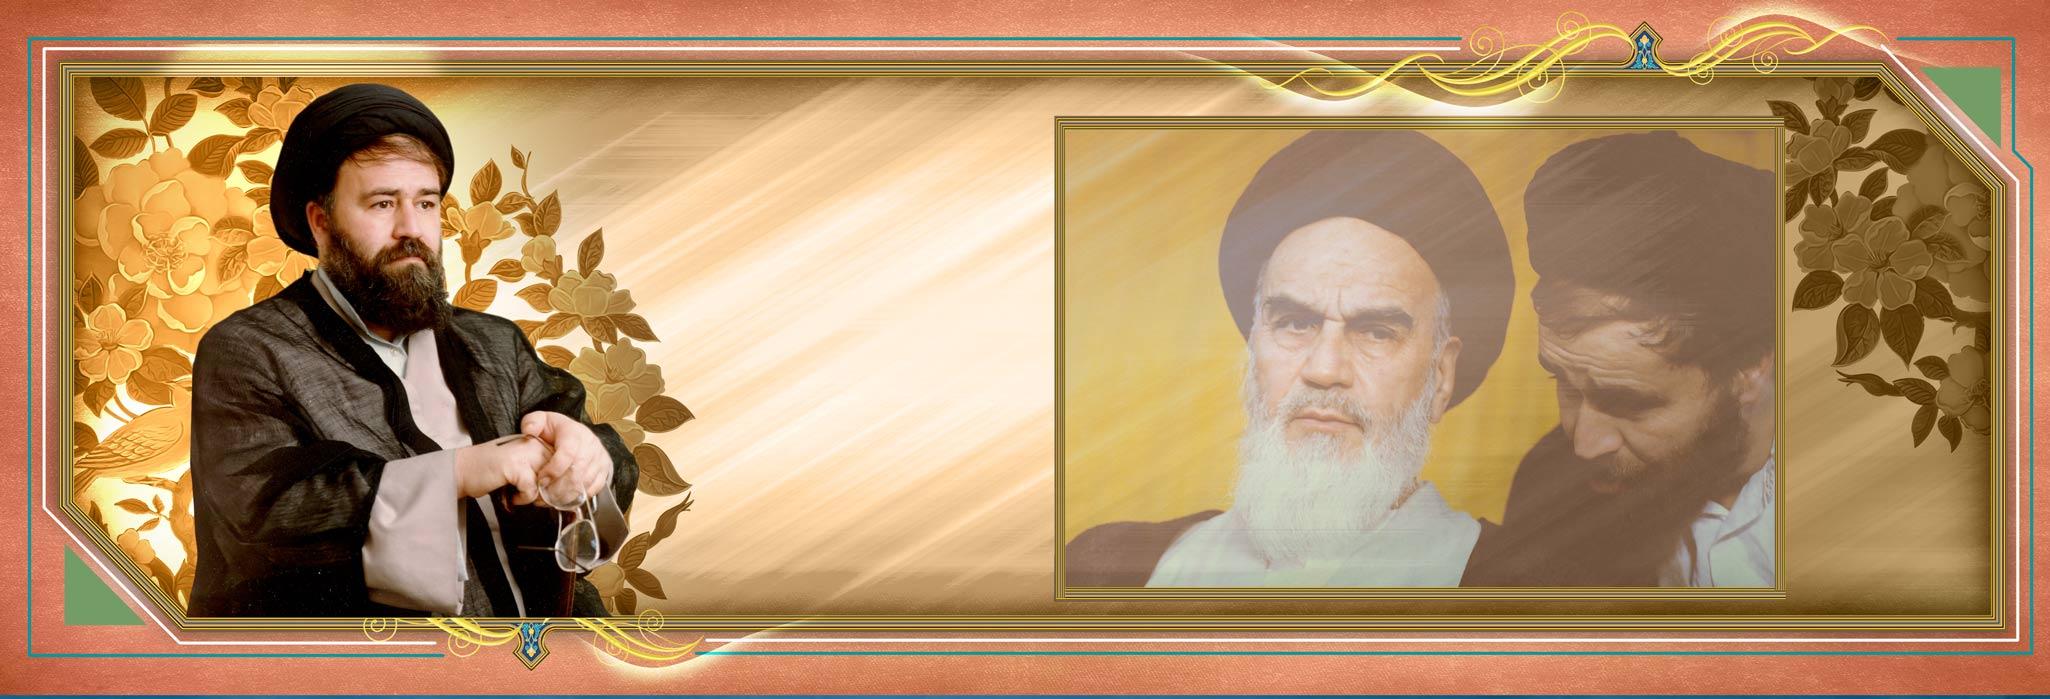 """Ayatollah Khamenei: """"Monsieur Hadj Ahmad Khomeini était un homme compétent et de mérite. Il était auprès de l'Imam un élément indispensable et sans pareil. """""""